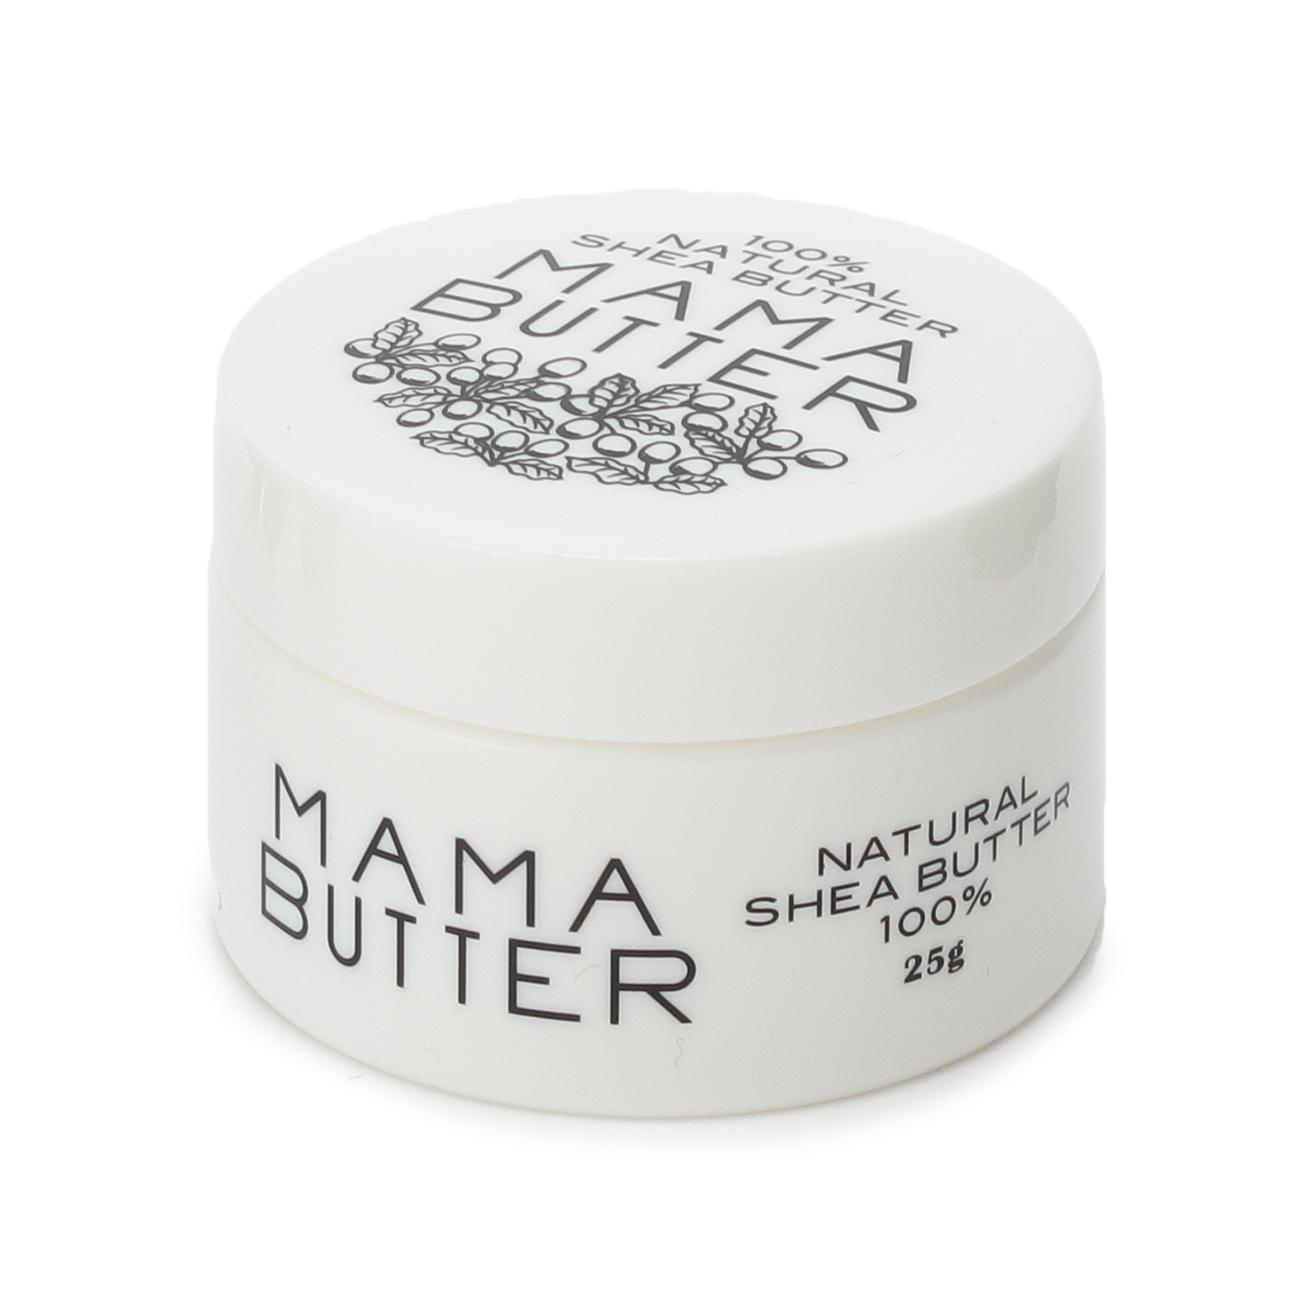 【FLAXUS (フラクサス)】MAMA BUTTER フェイス&ボディクリーム ビューティー・コスメ|ボディケア ホワイト